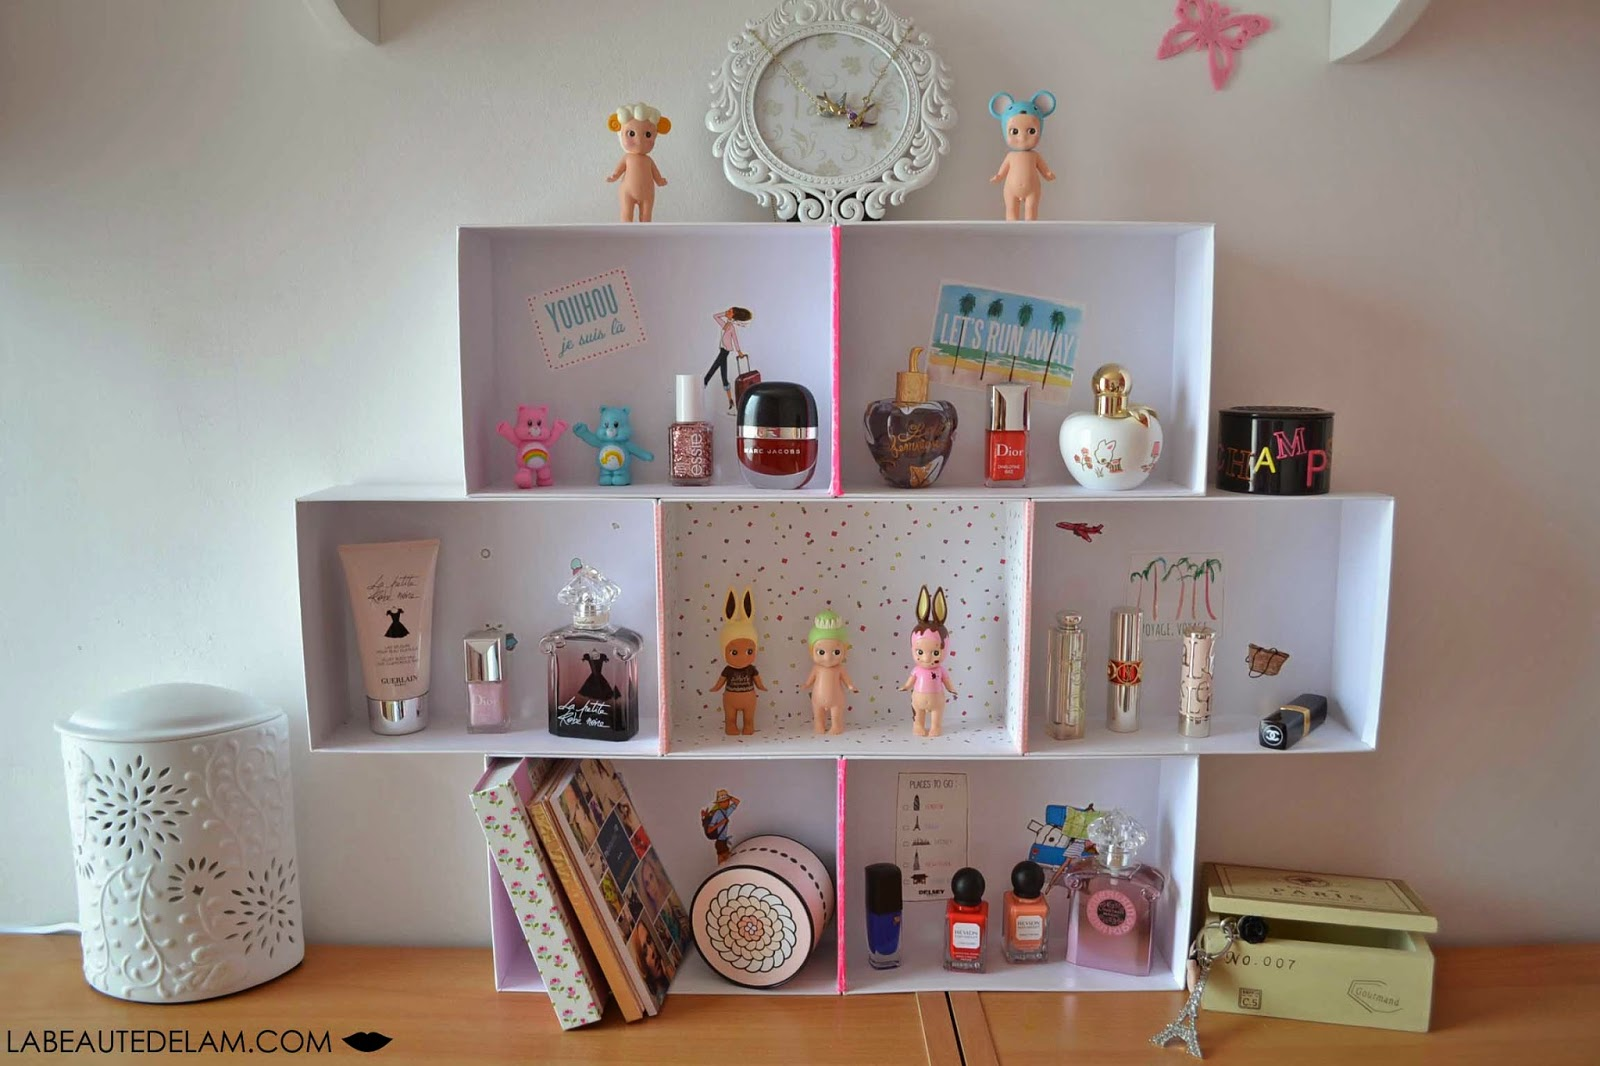 la beaut de l m blog beaut bien tre culture et gourmandise diy recyclez vos box beaut. Black Bedroom Furniture Sets. Home Design Ideas